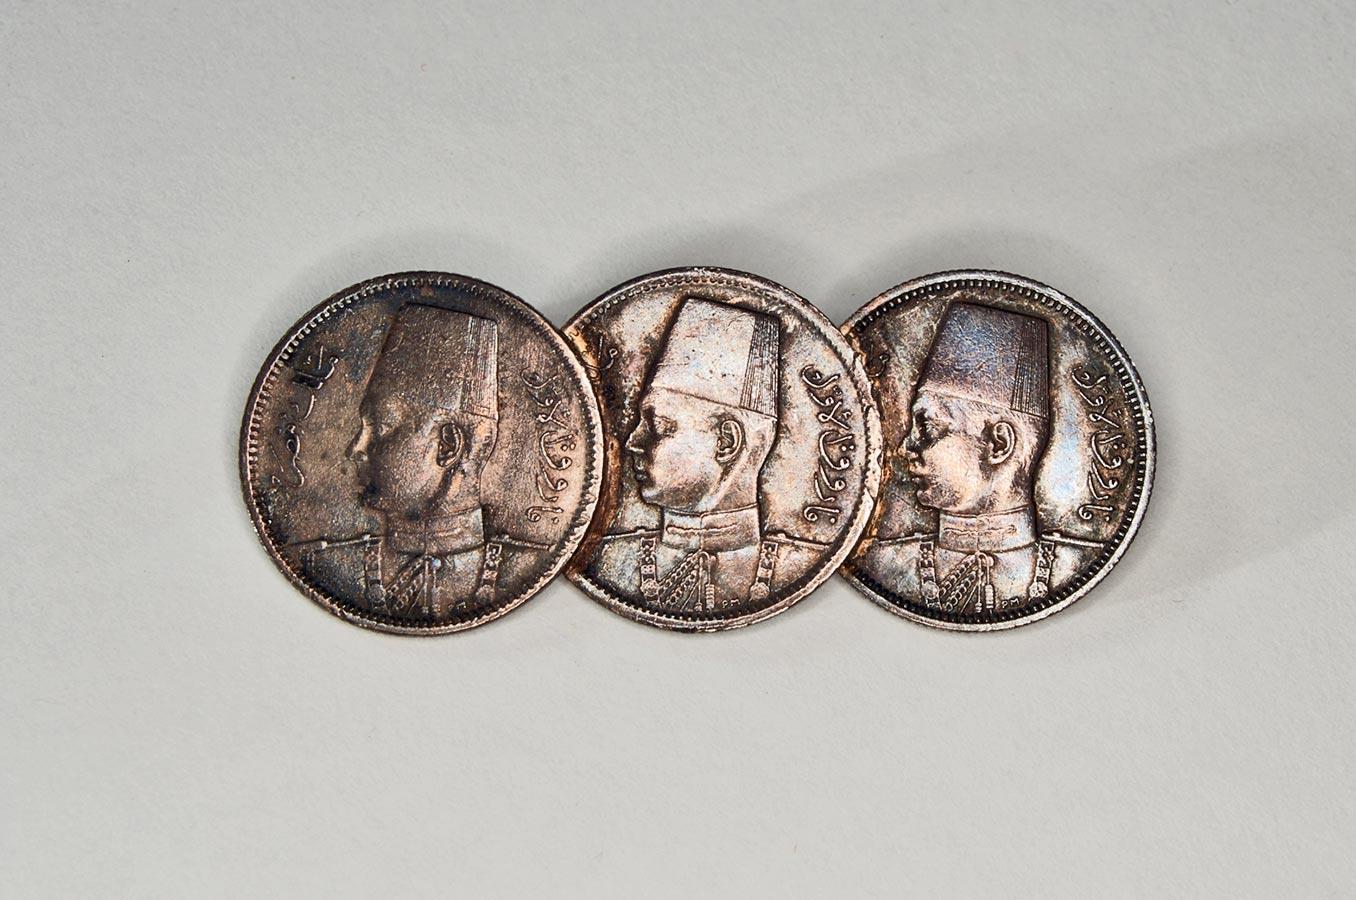 Broche faite de pièces de monnaie indonésiennes / Broche aus indonesischen Münzen, 4,8cm